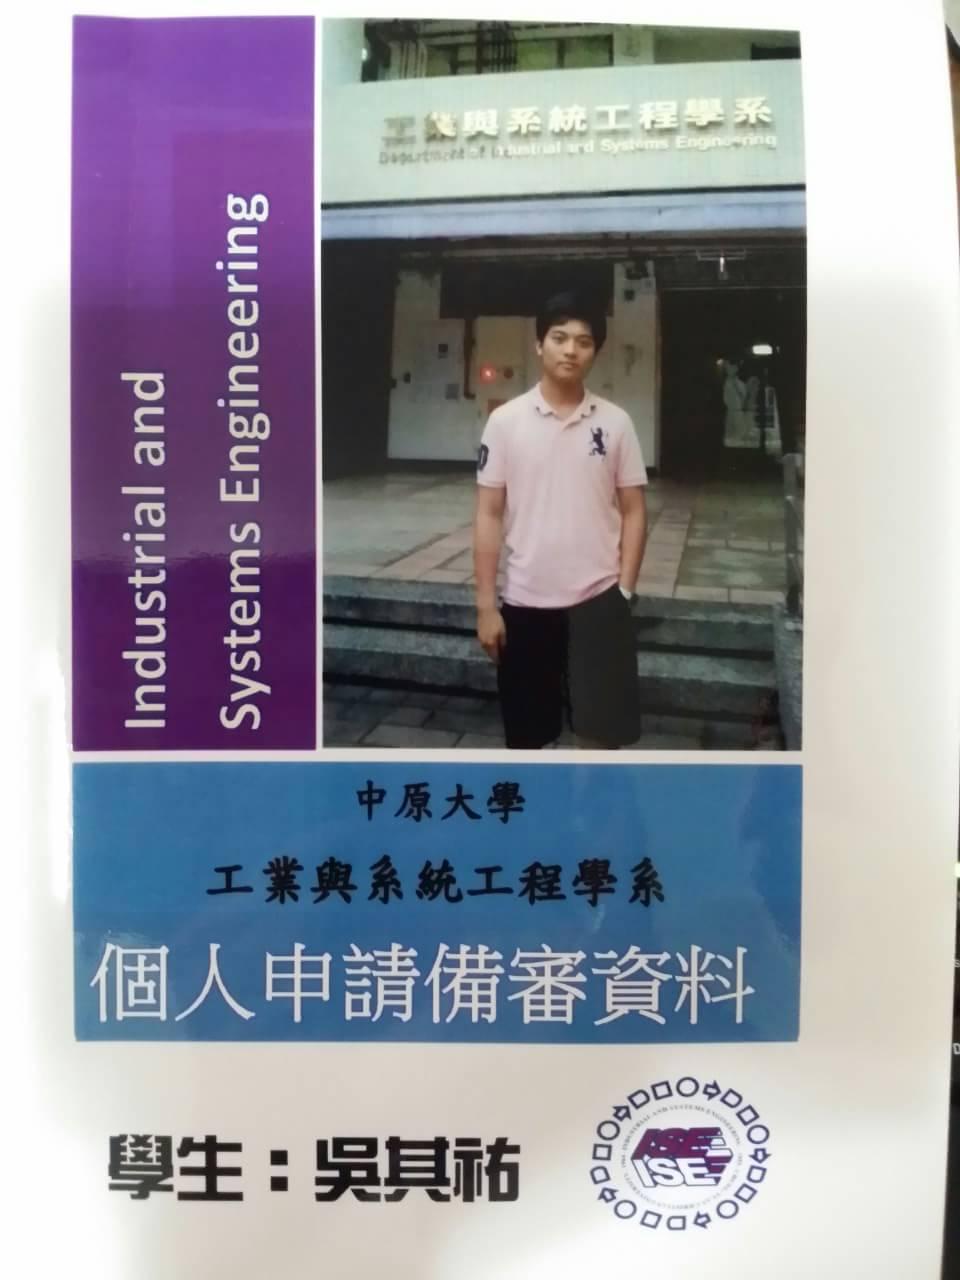 通稿照片-吳其祐當時個人申請入學準備資料,使用照片攝於中原工業系館前.jpg